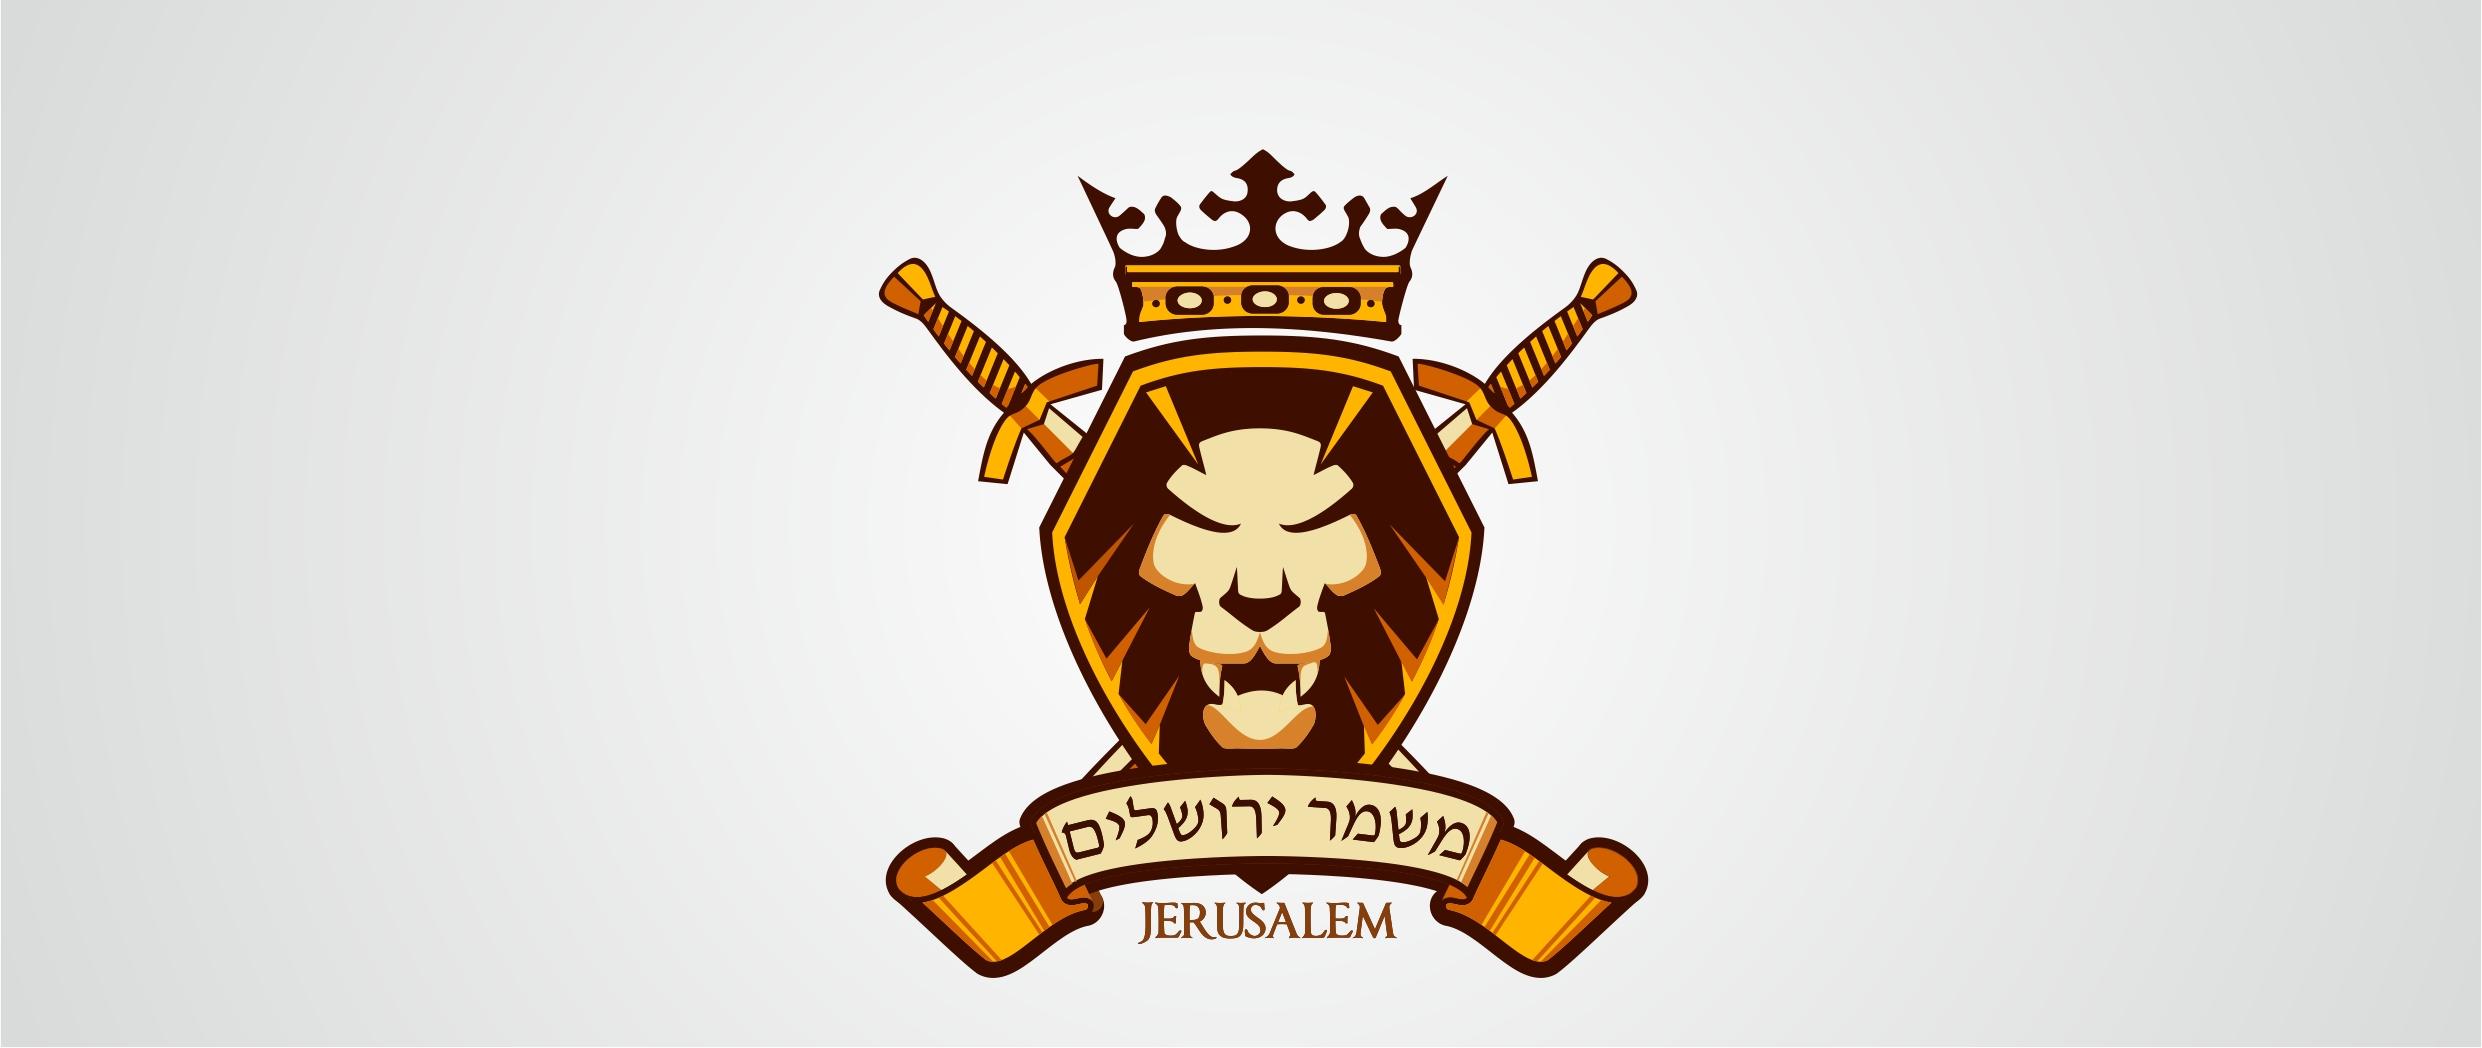 Разработка логотипа. Компания Страж Иерусалима фото f_20551f89a528d3e3.jpg